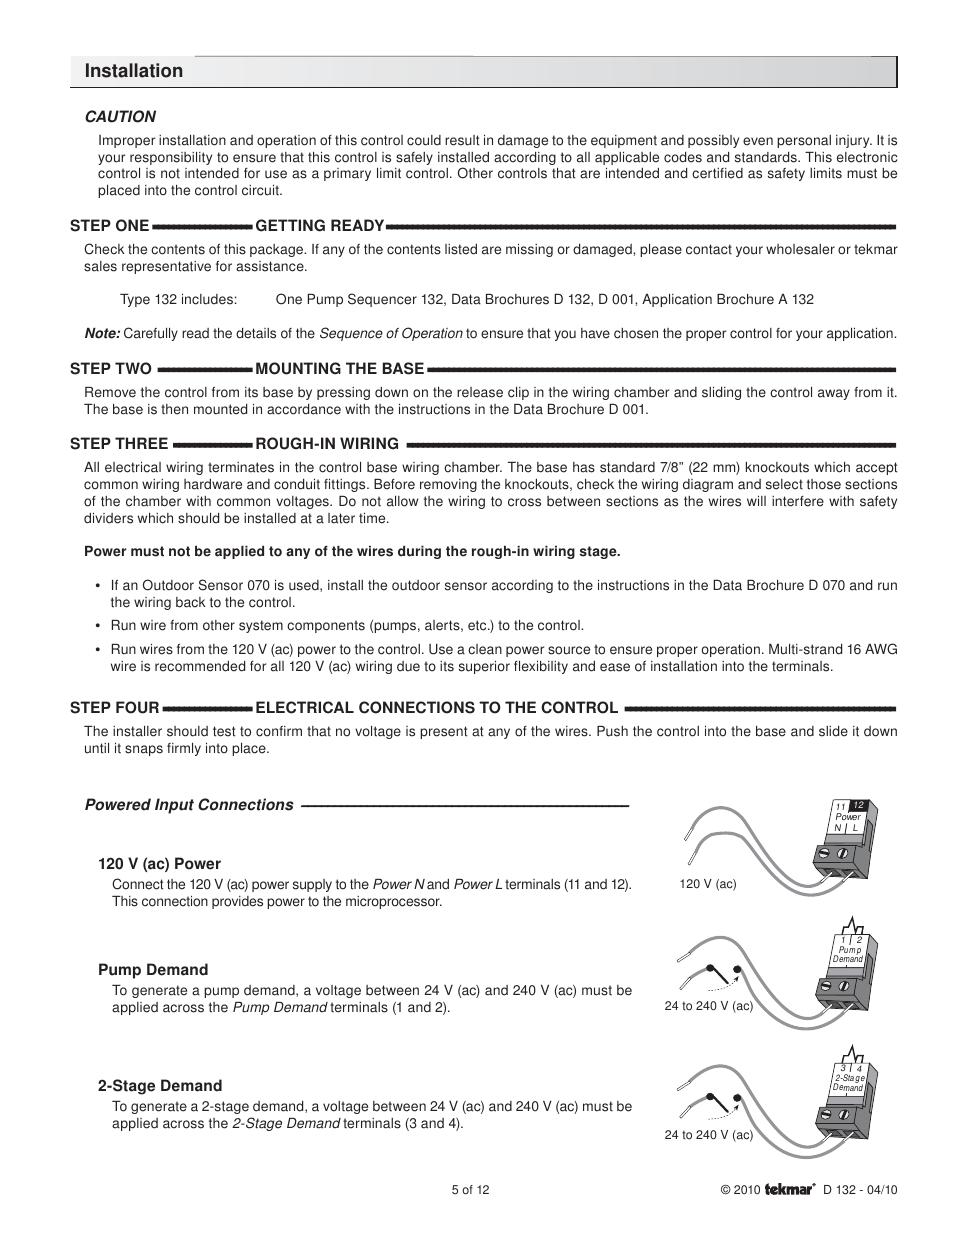 tekmar wiring diagram 21 wiring diagram images